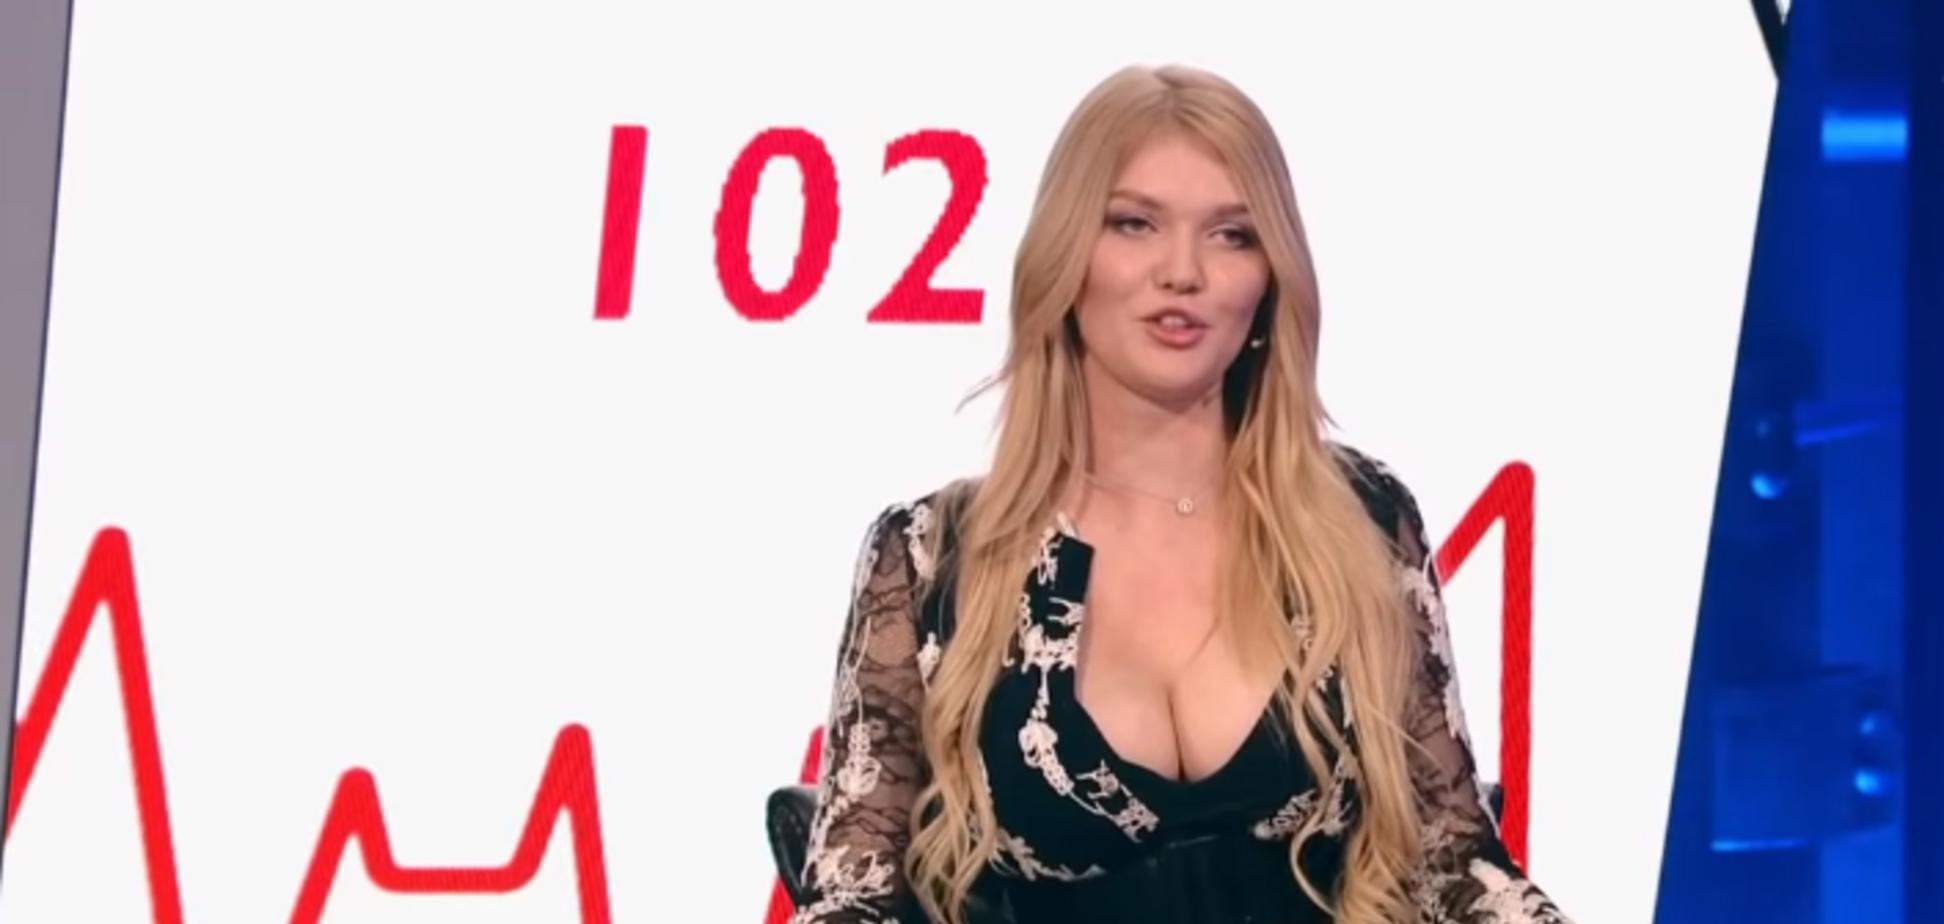 'Націоналісти влаштували репресії': скандальна 'Міс Львів' поскаржилася пропагандистам на проблеми в Україні